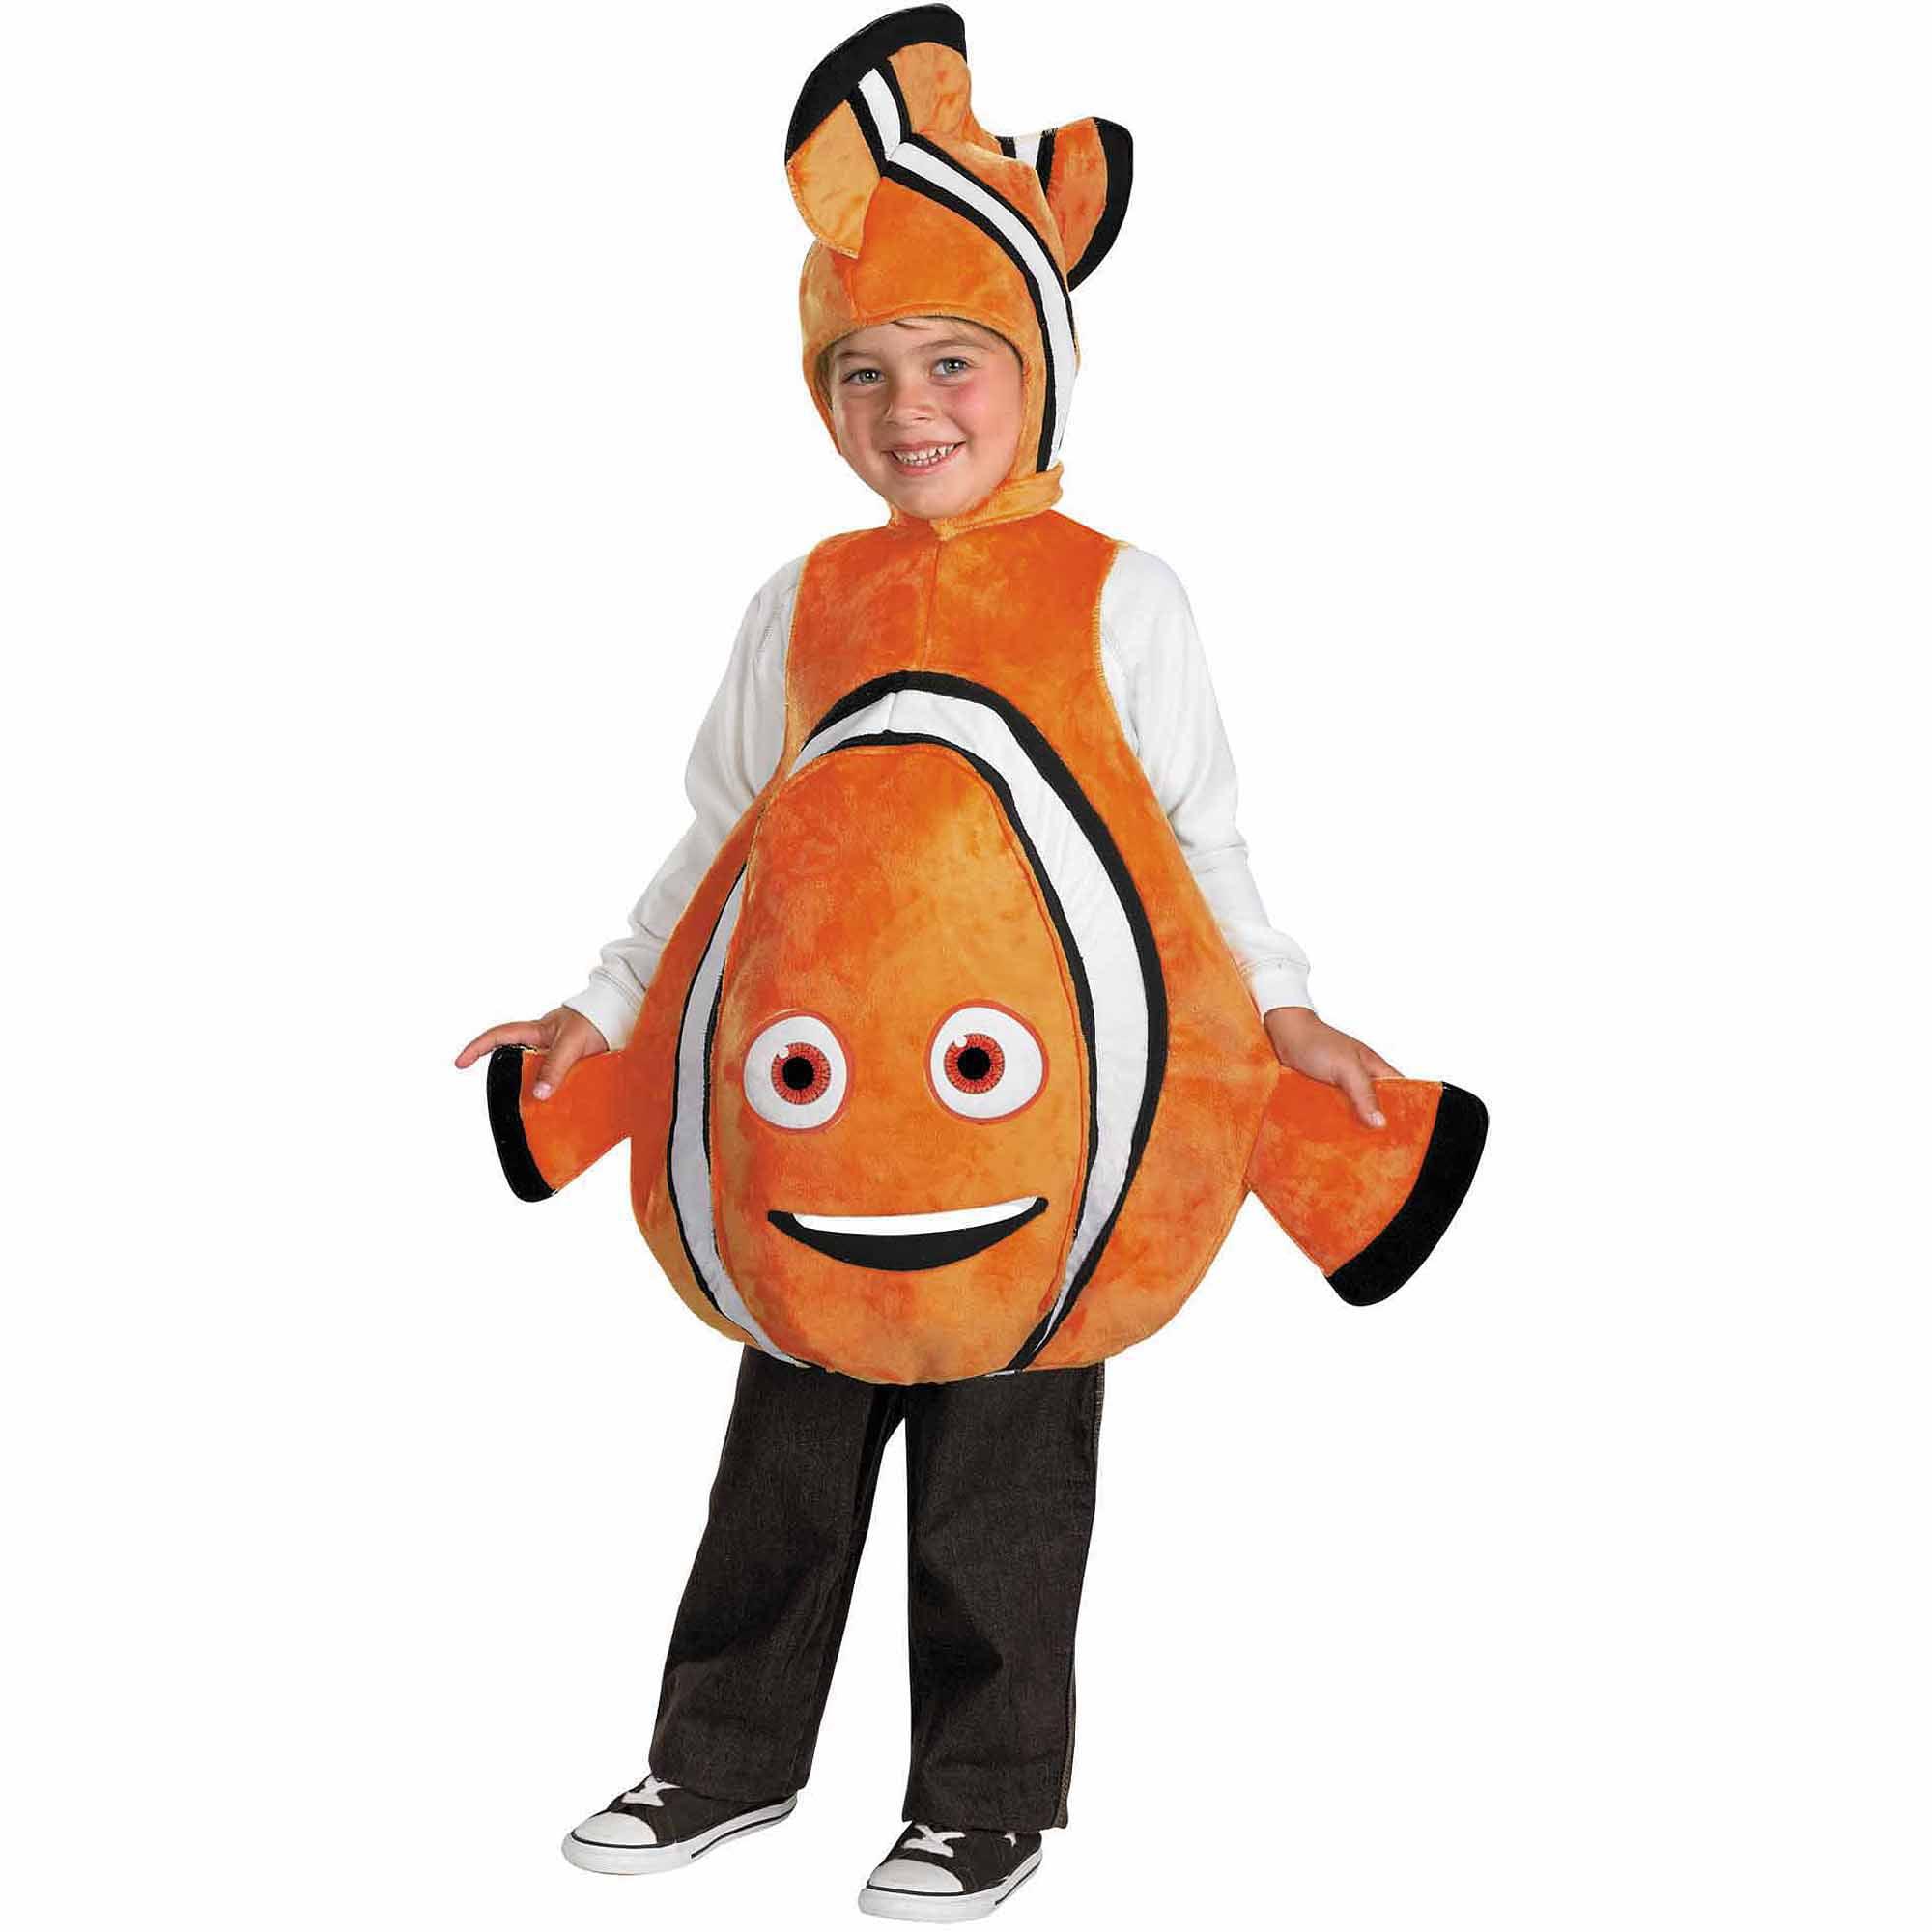 Nemo Deluxe Child Halloween Costume - Walmart.com